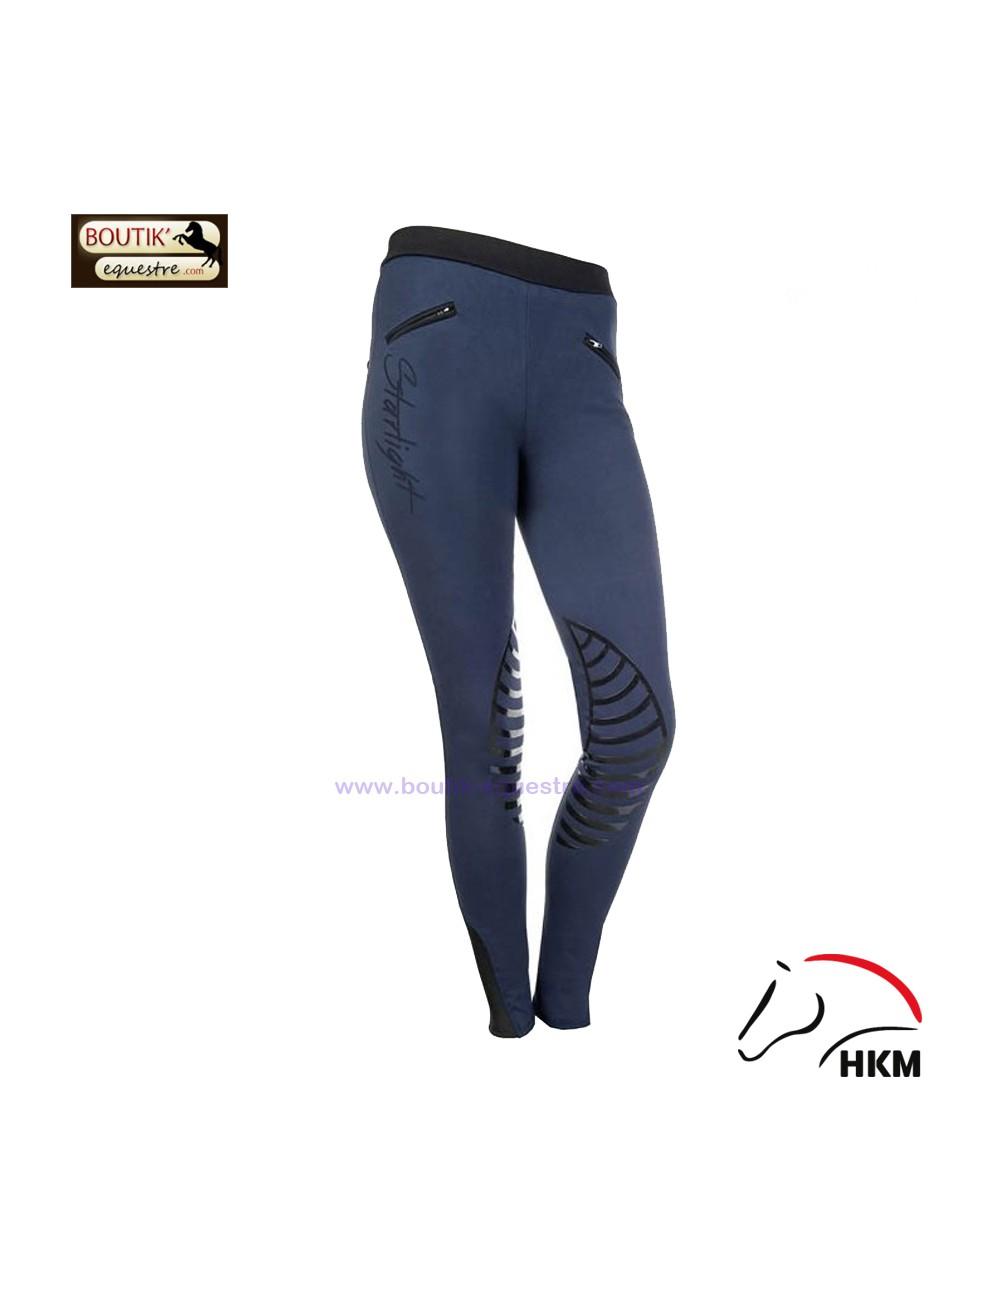 Legging HKM Starlight